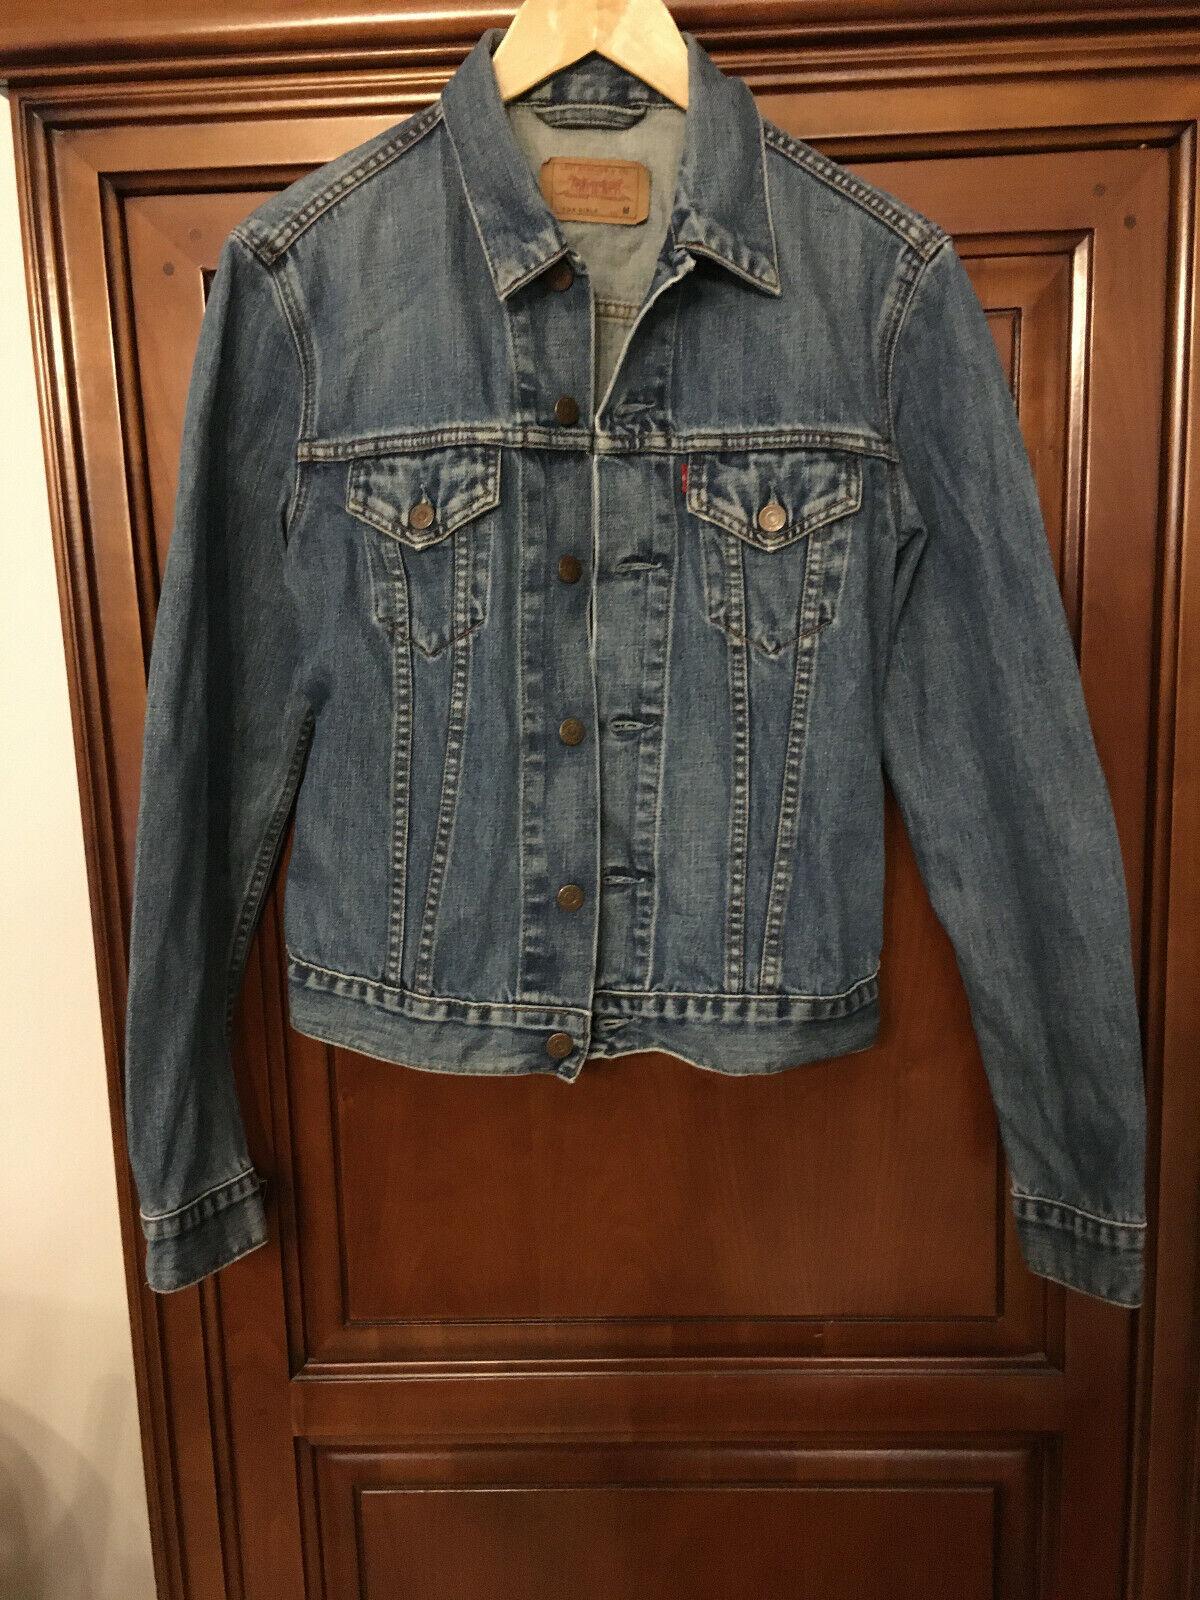 Veste en jean levis vintage for girls  taille m